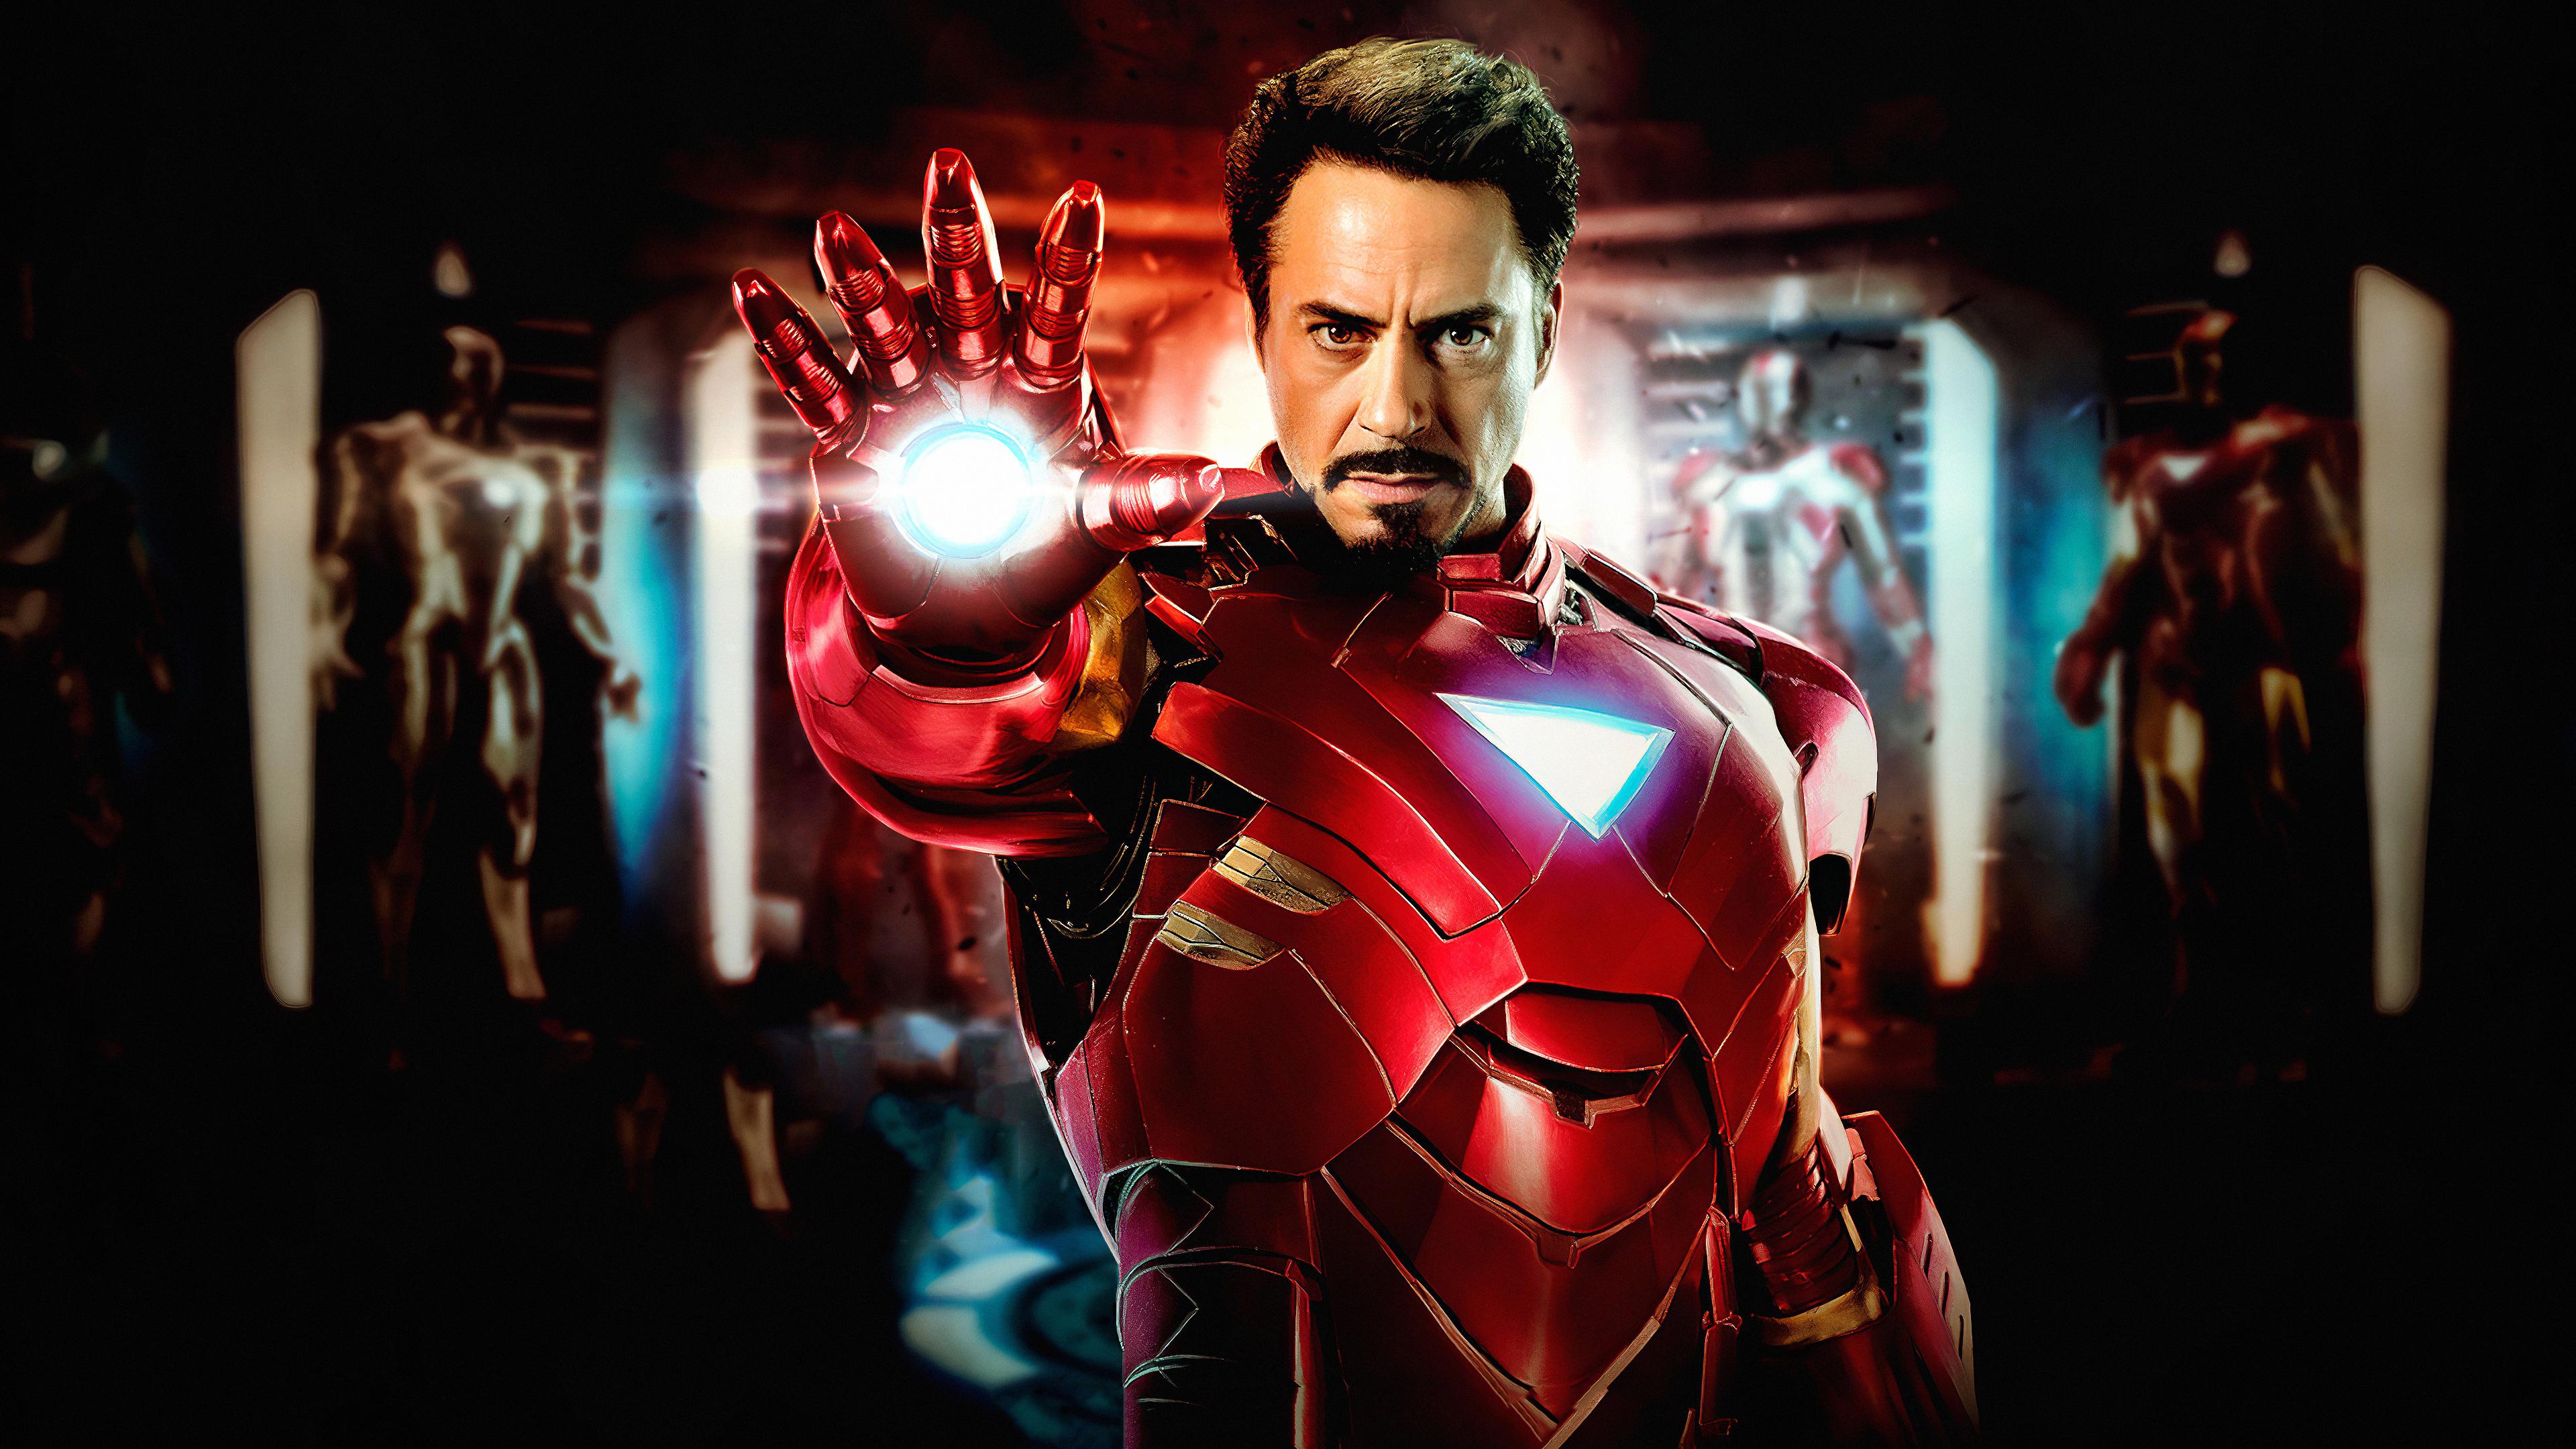 Iron Man Iron Man 3 Robert Downey Jr 3840x2160